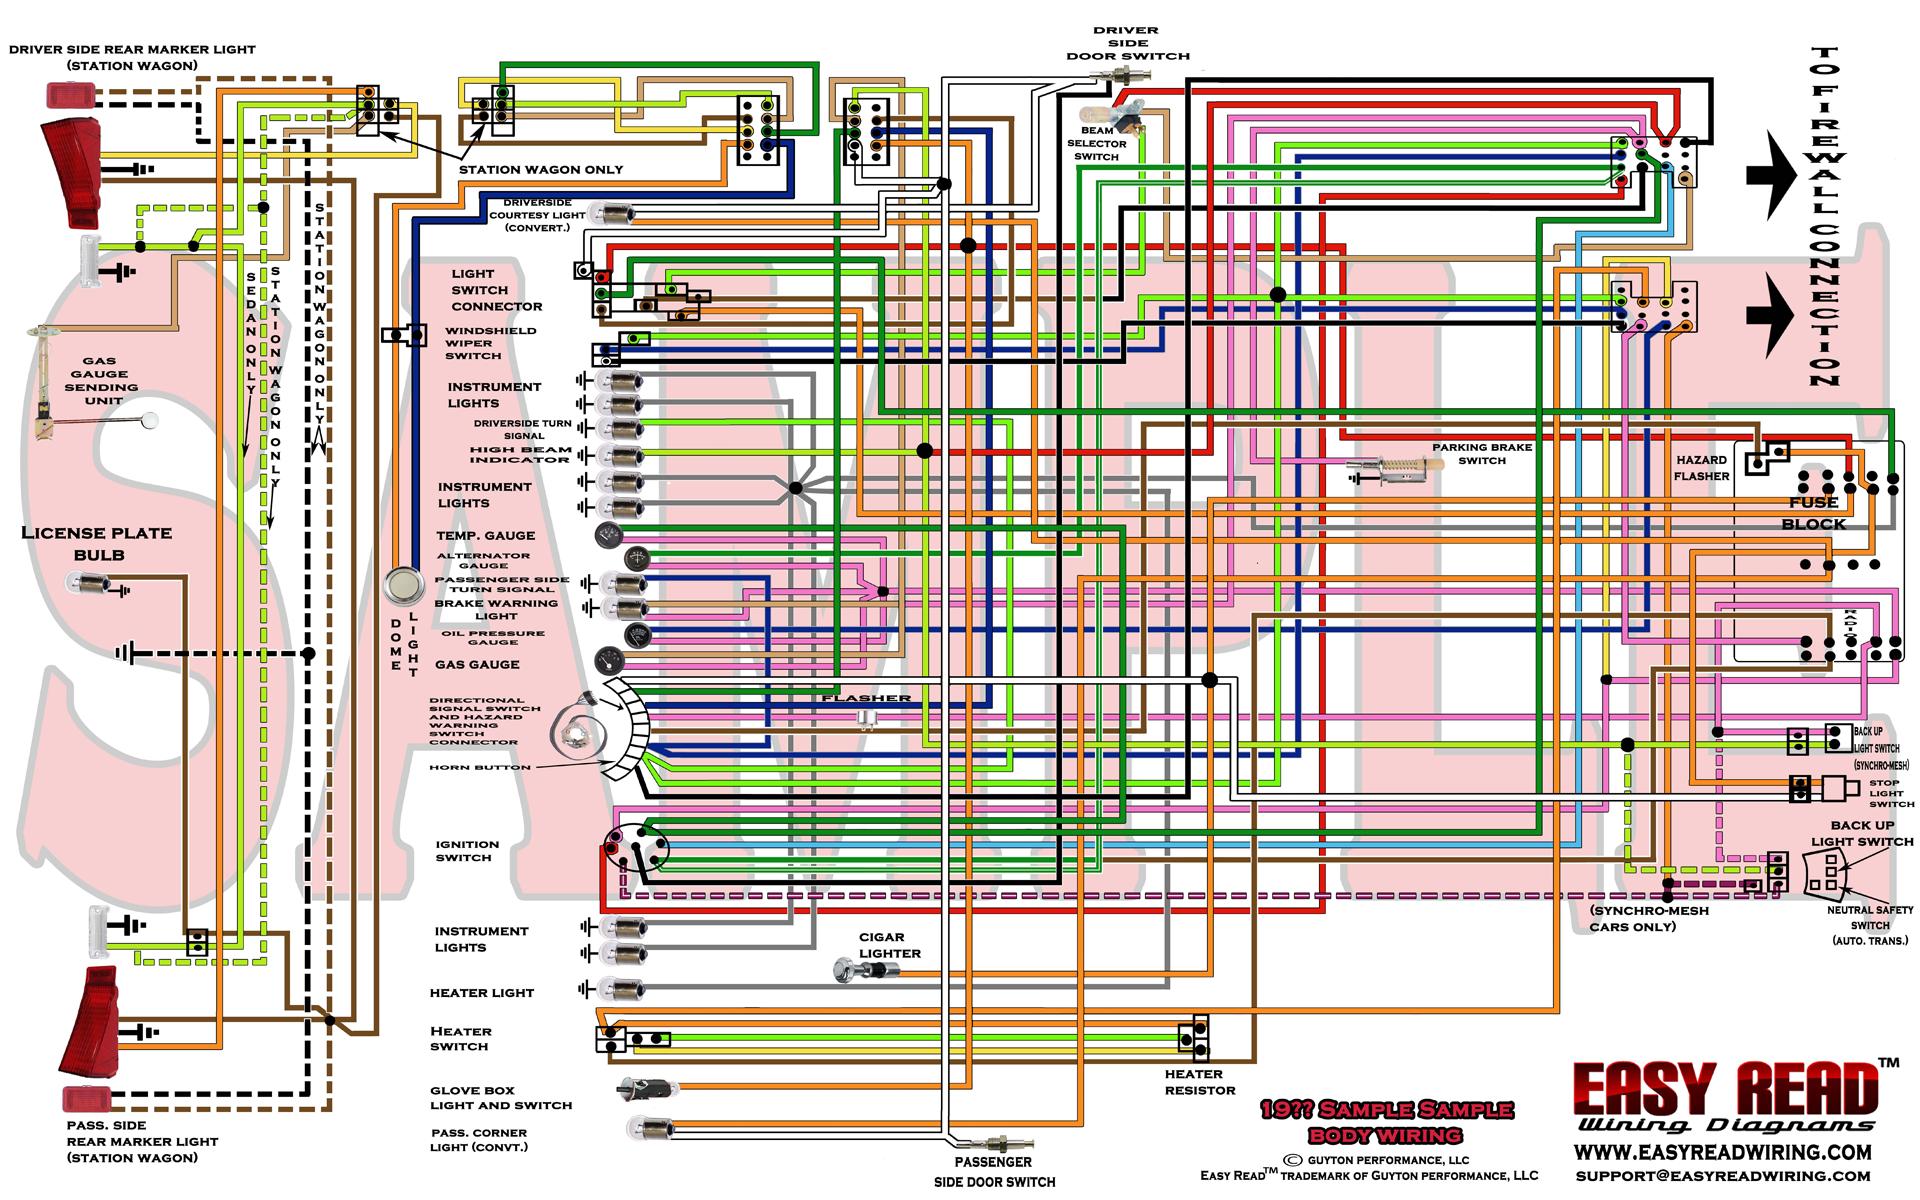 Wiring Diagram To20 Wiring Diagram Get Free Image About Wiring Diagram